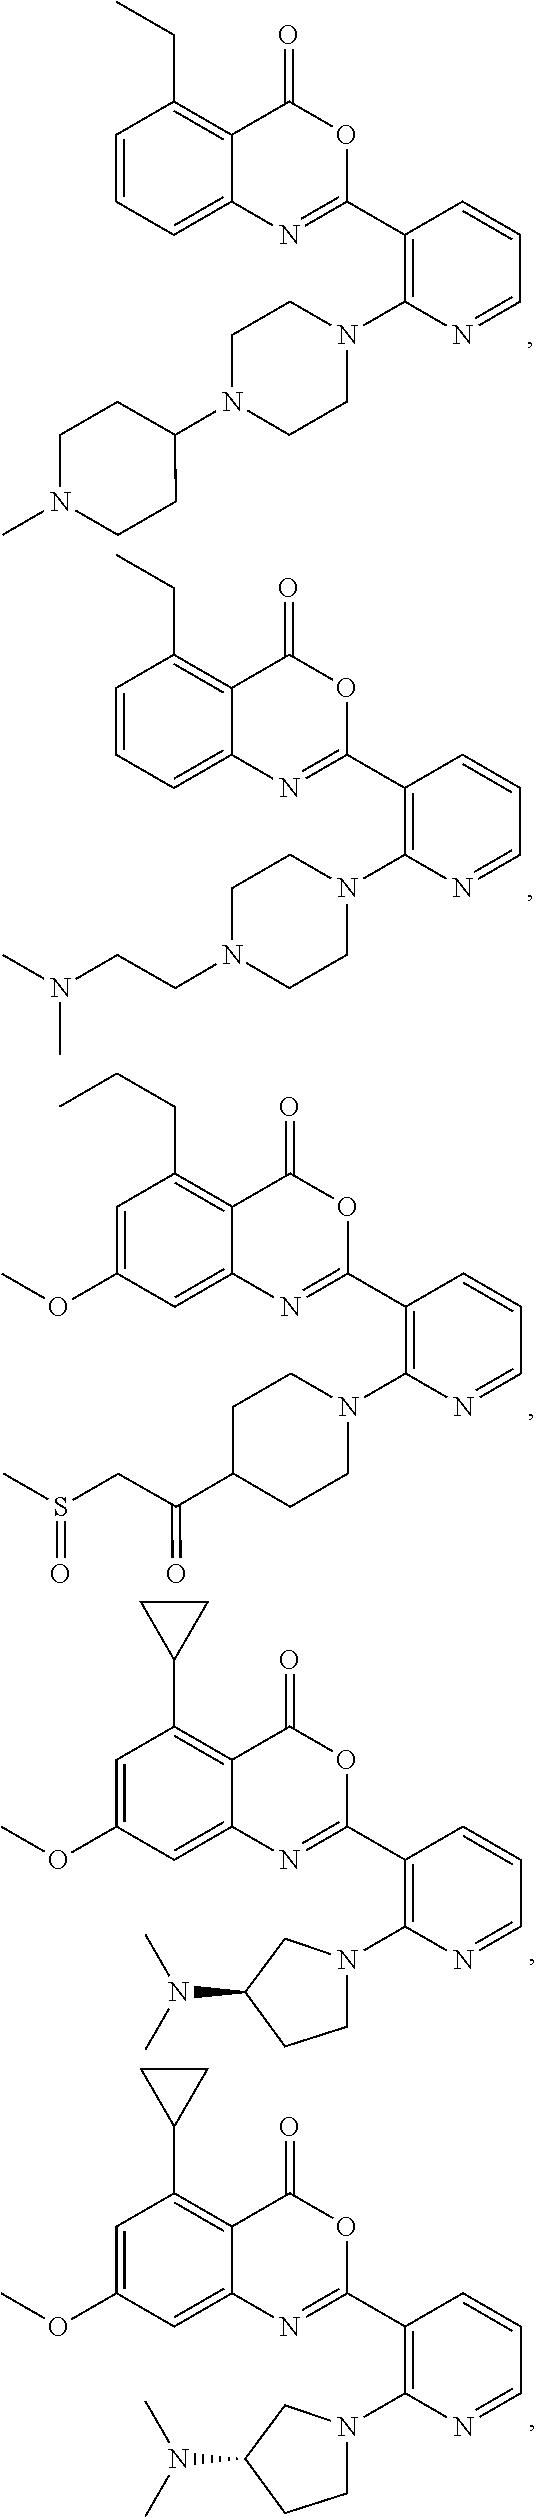 Figure US07879846-20110201-C00401